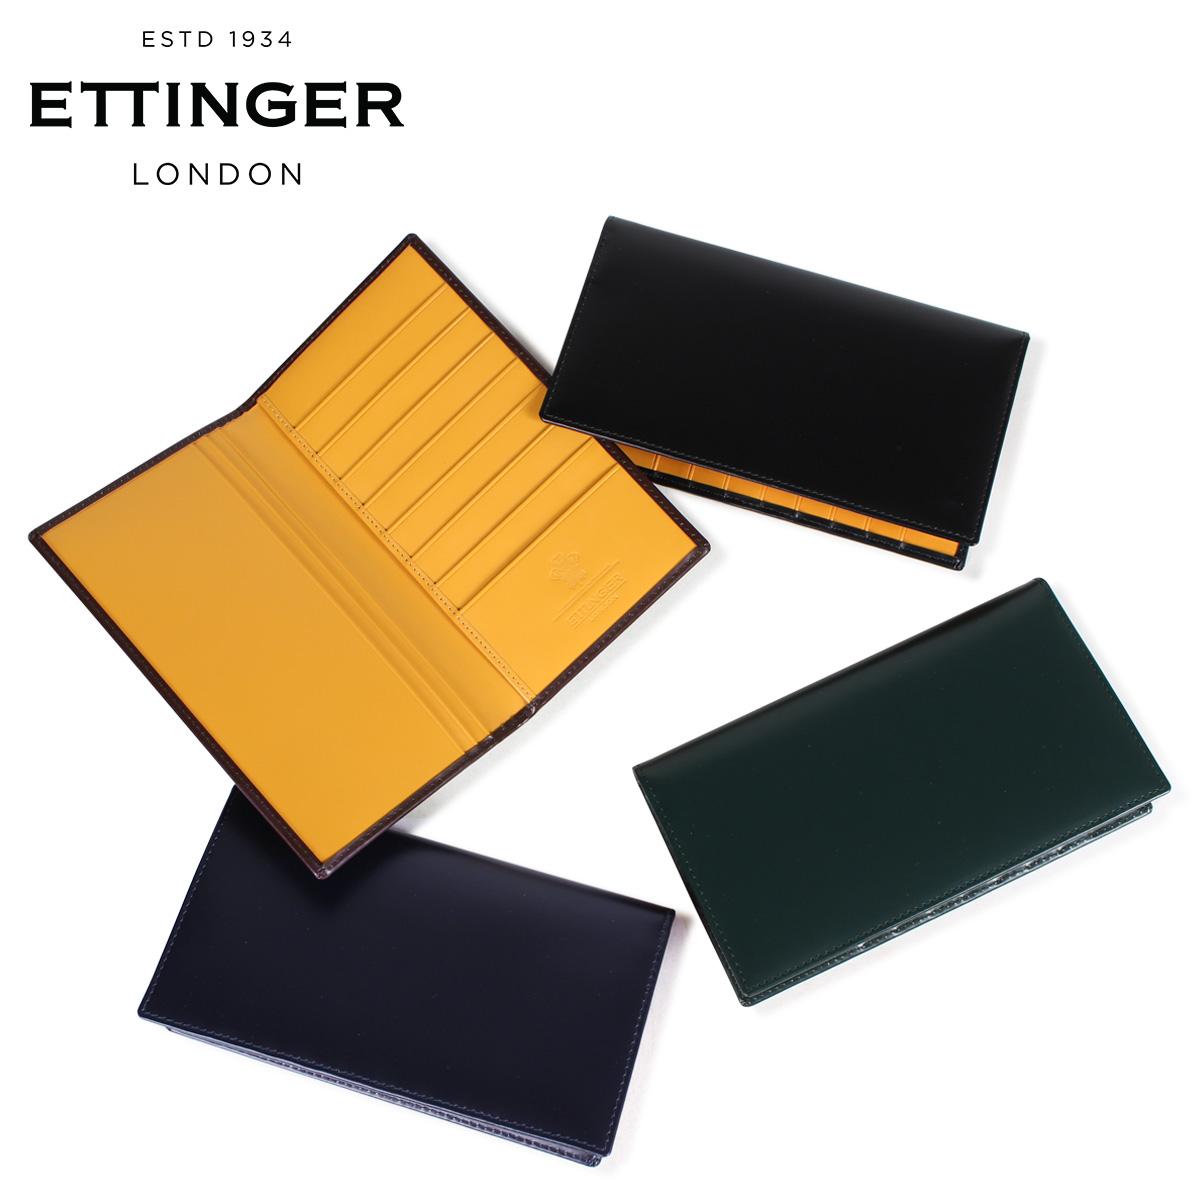 ETTINGER エッティンガー 財布 長財布 メンズ レザー COAT WALLET WITH CARD CASE ブラック ネイビー ブラウン グリーン 黒 BH806 [3/18 新入荷]